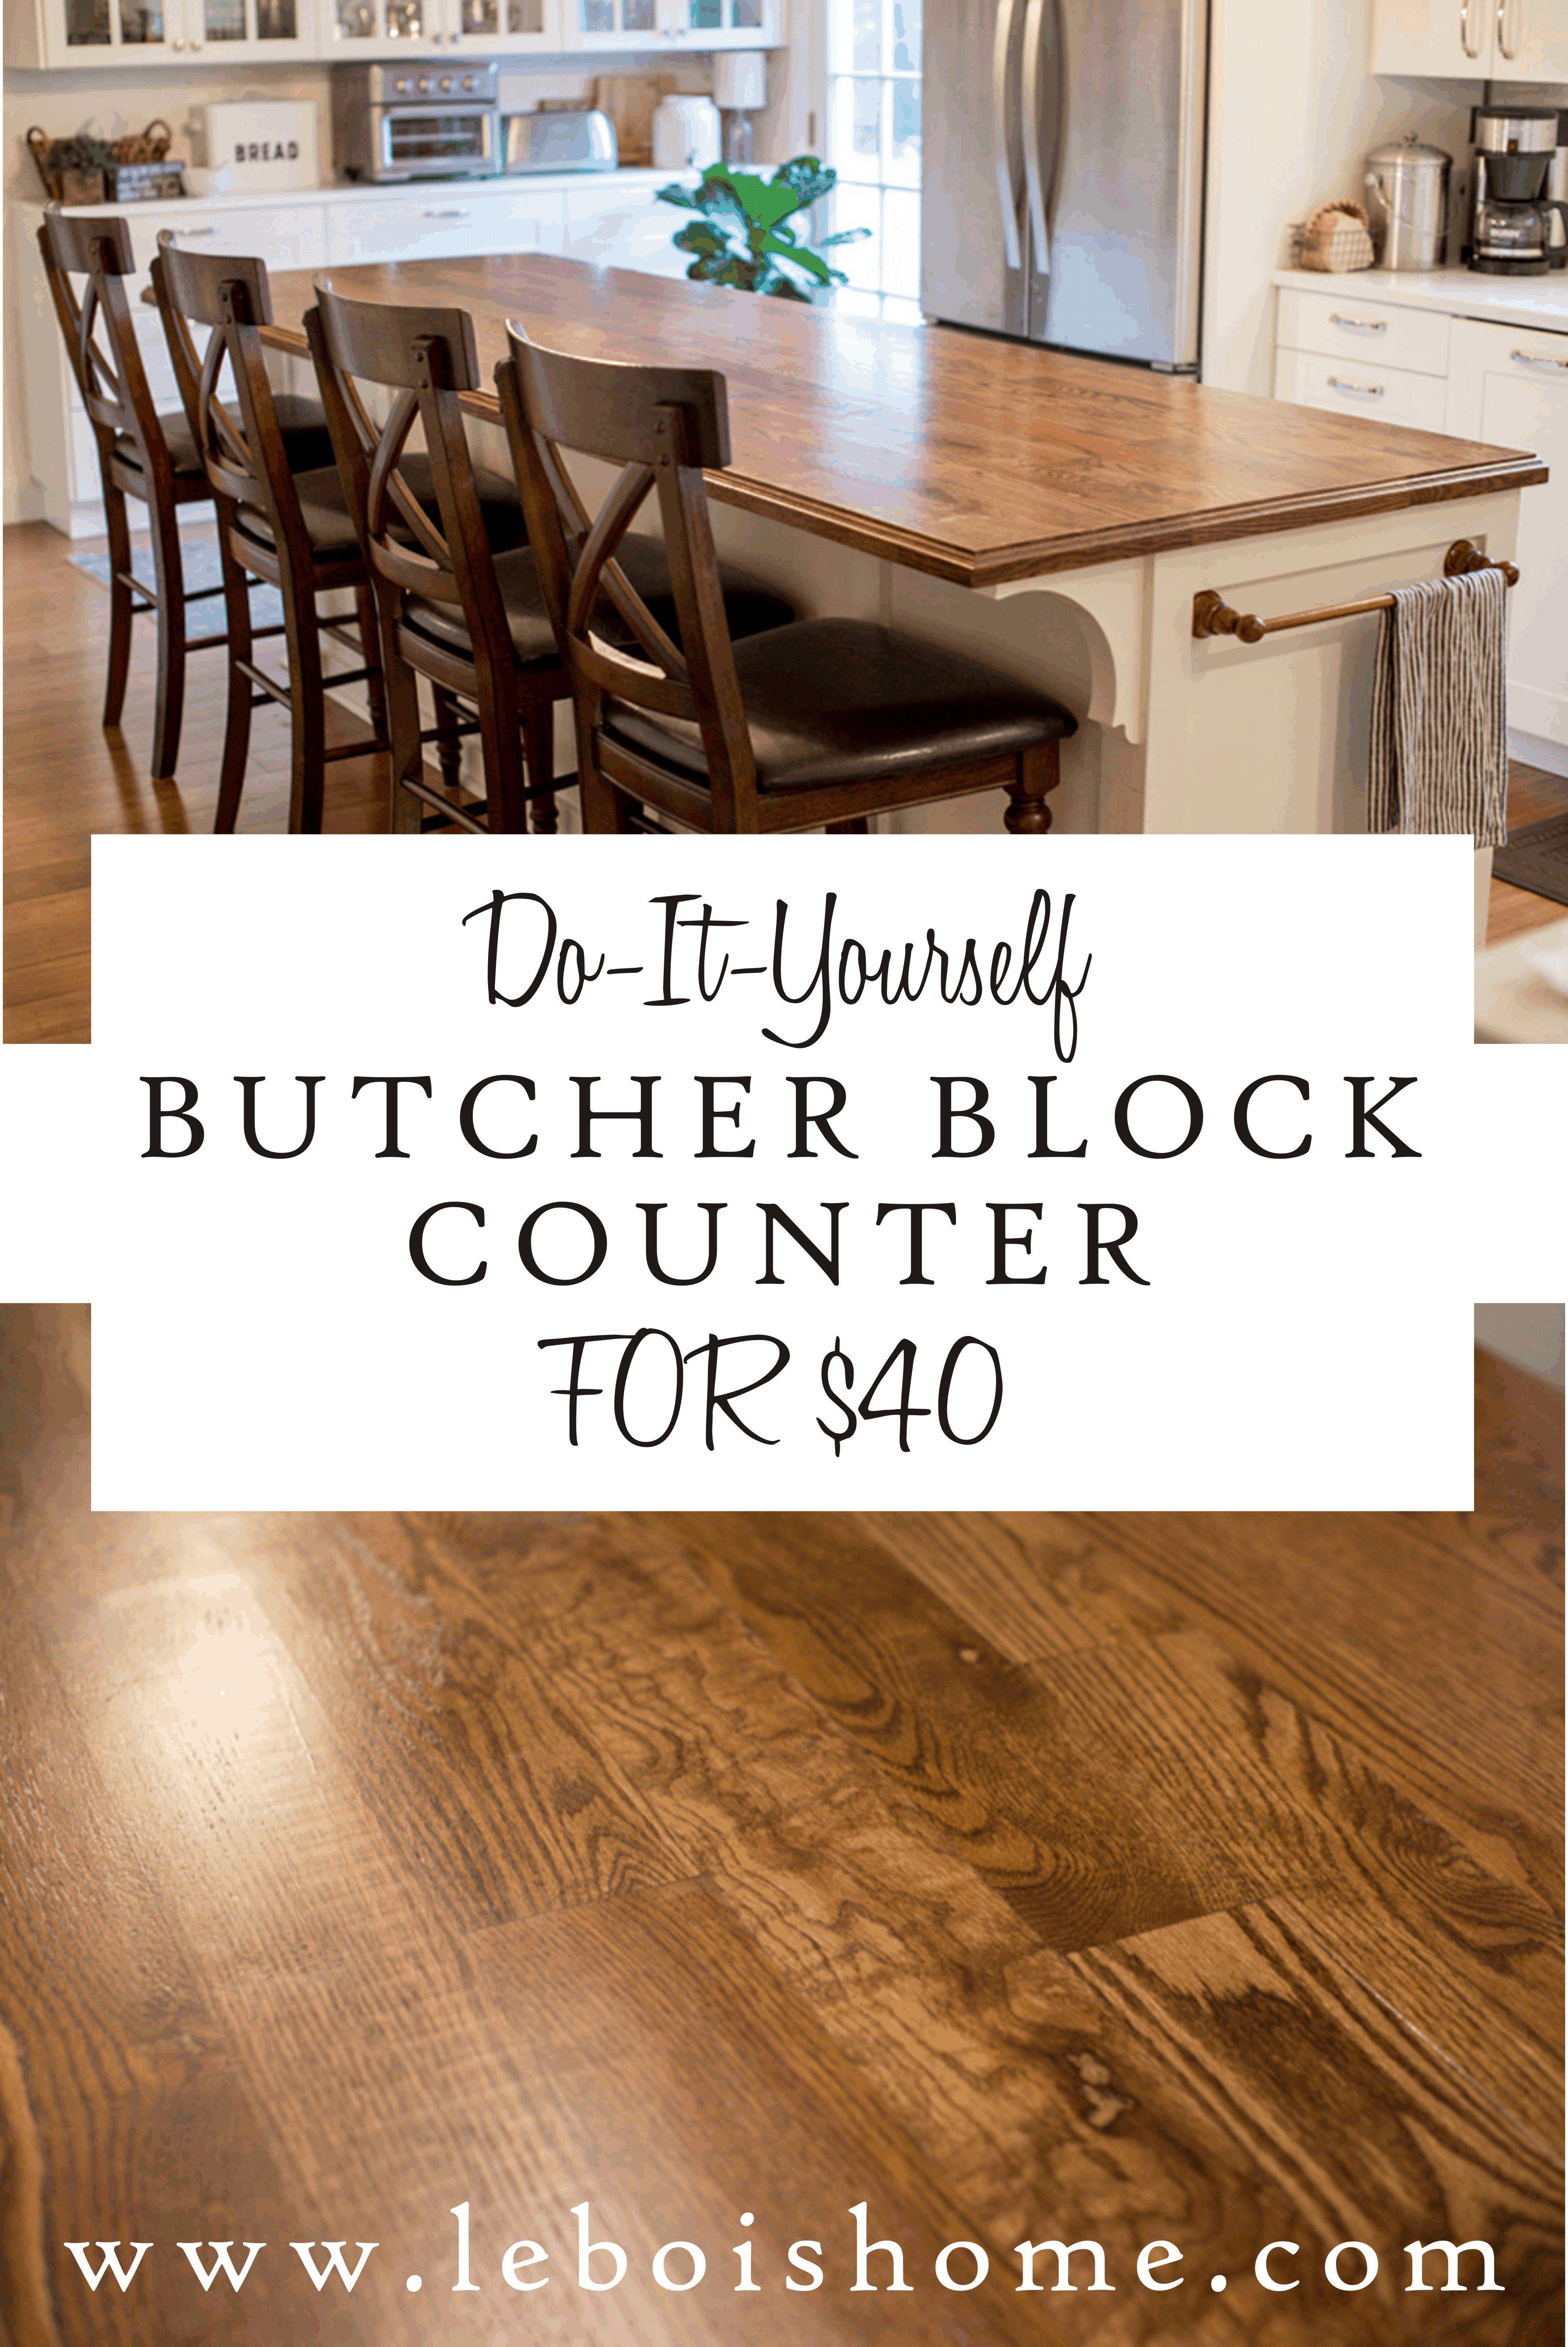 DIY Butcher Block Counter in 2020 Diy butcher block